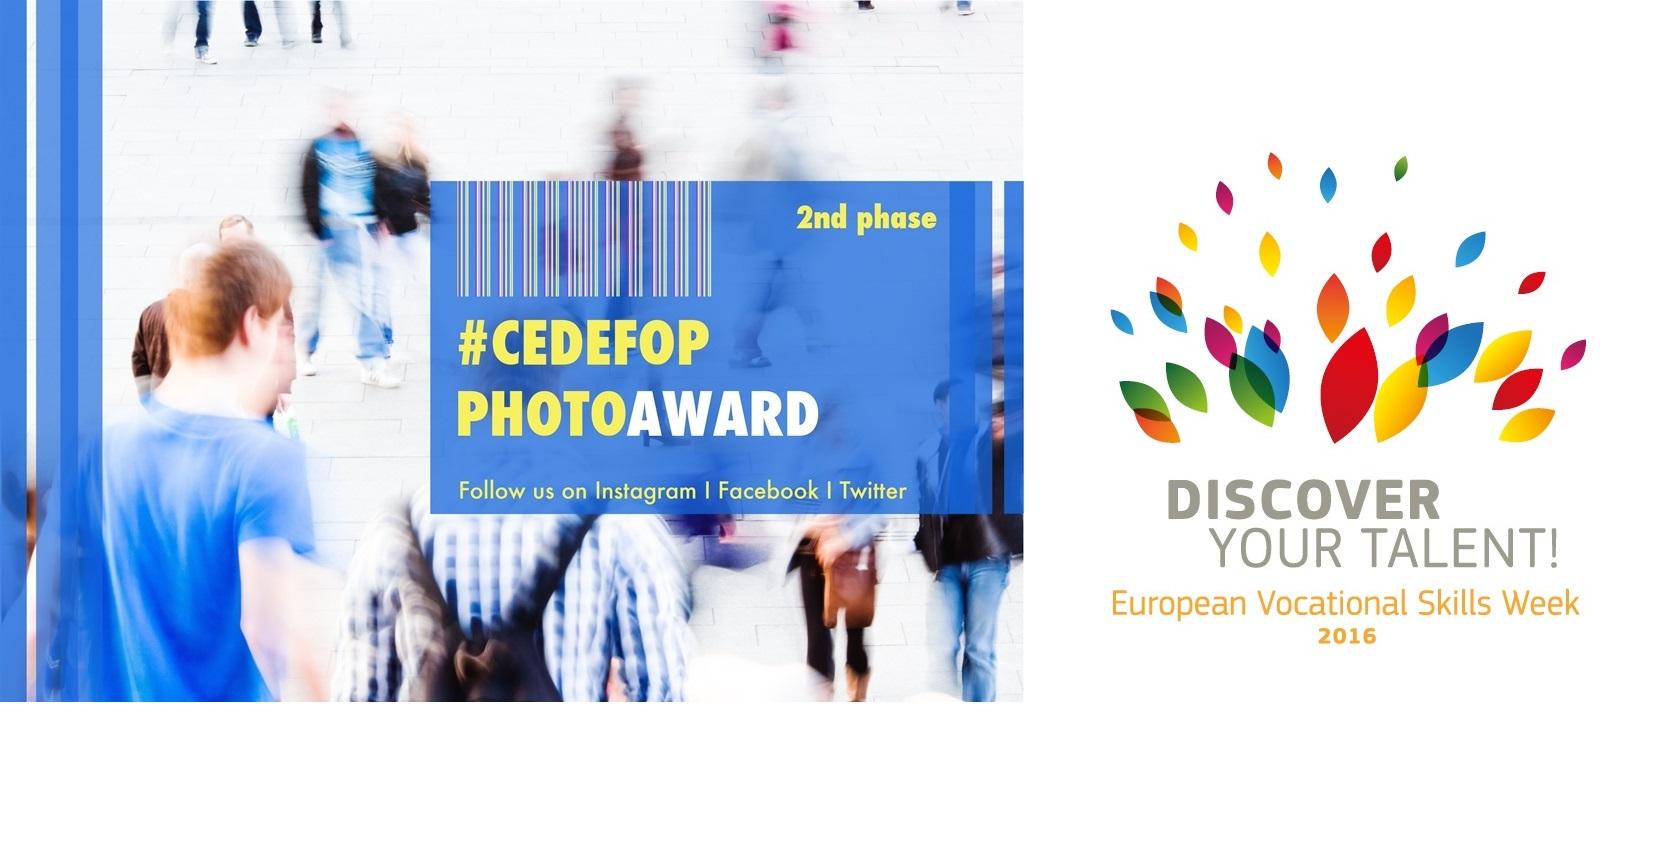 CedefopPhotoAward: Η εκπαίδευση σε διαγωνισμό φωτογραφίας